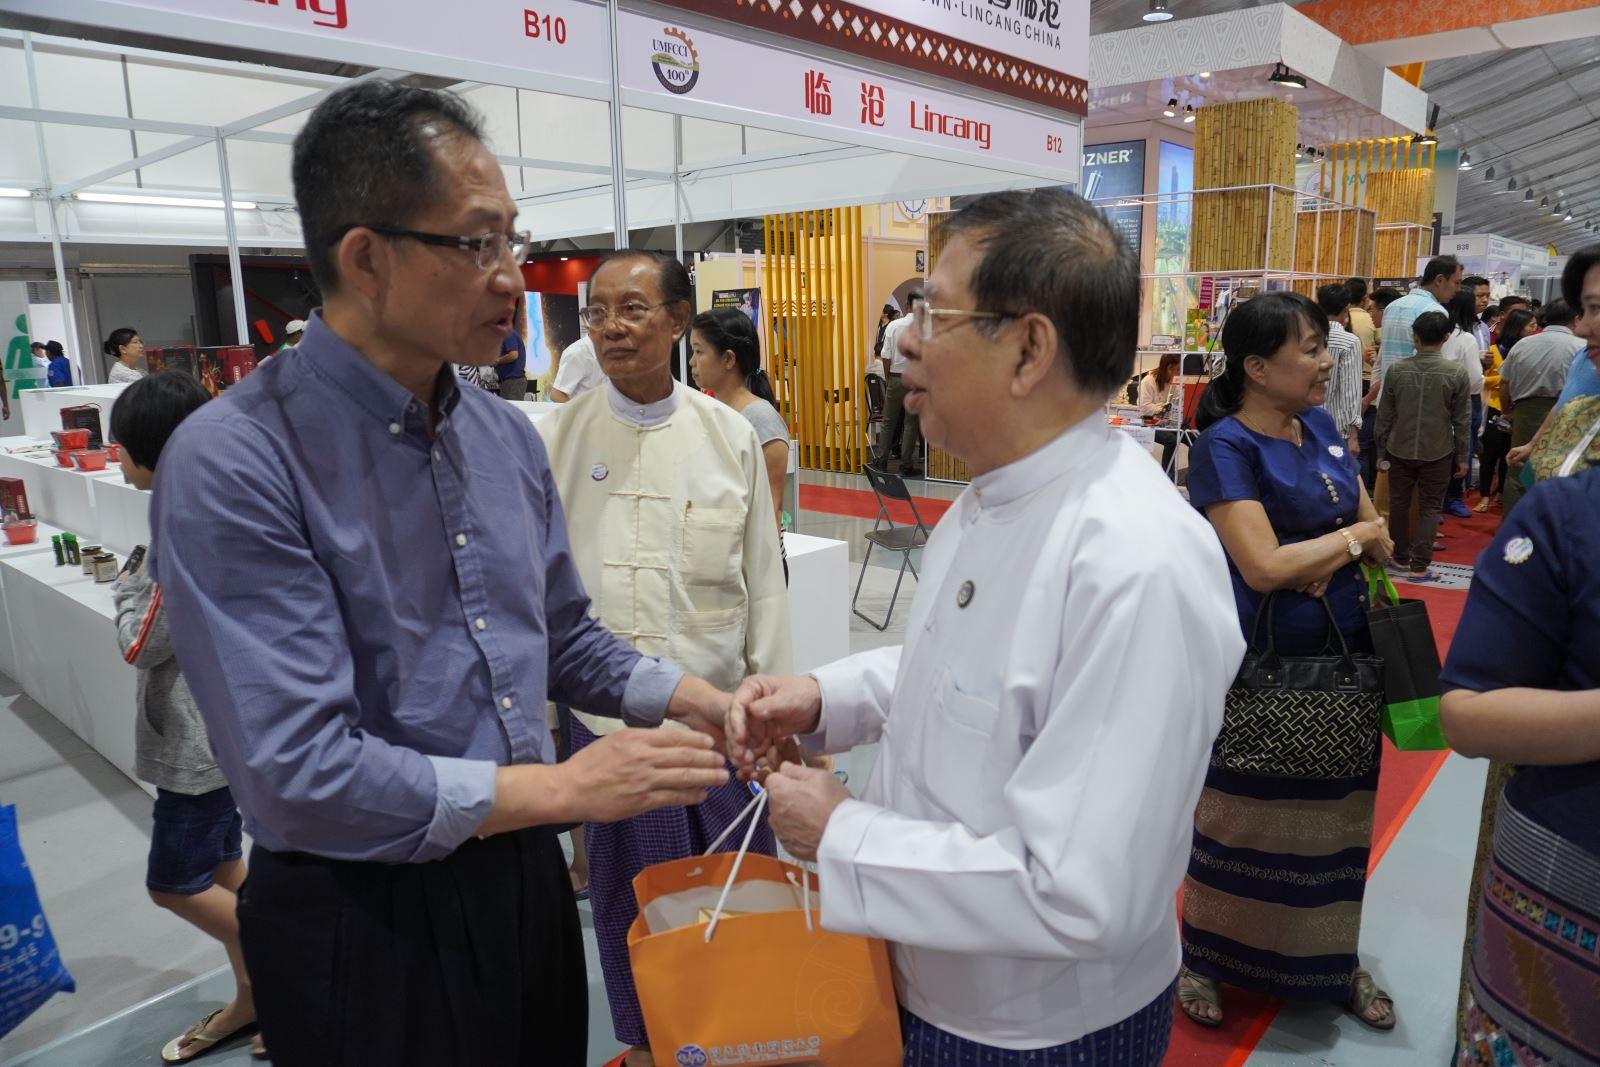 2019.09.22 UMFCCI主席 U Zaw Min Win赴本攤位訪視